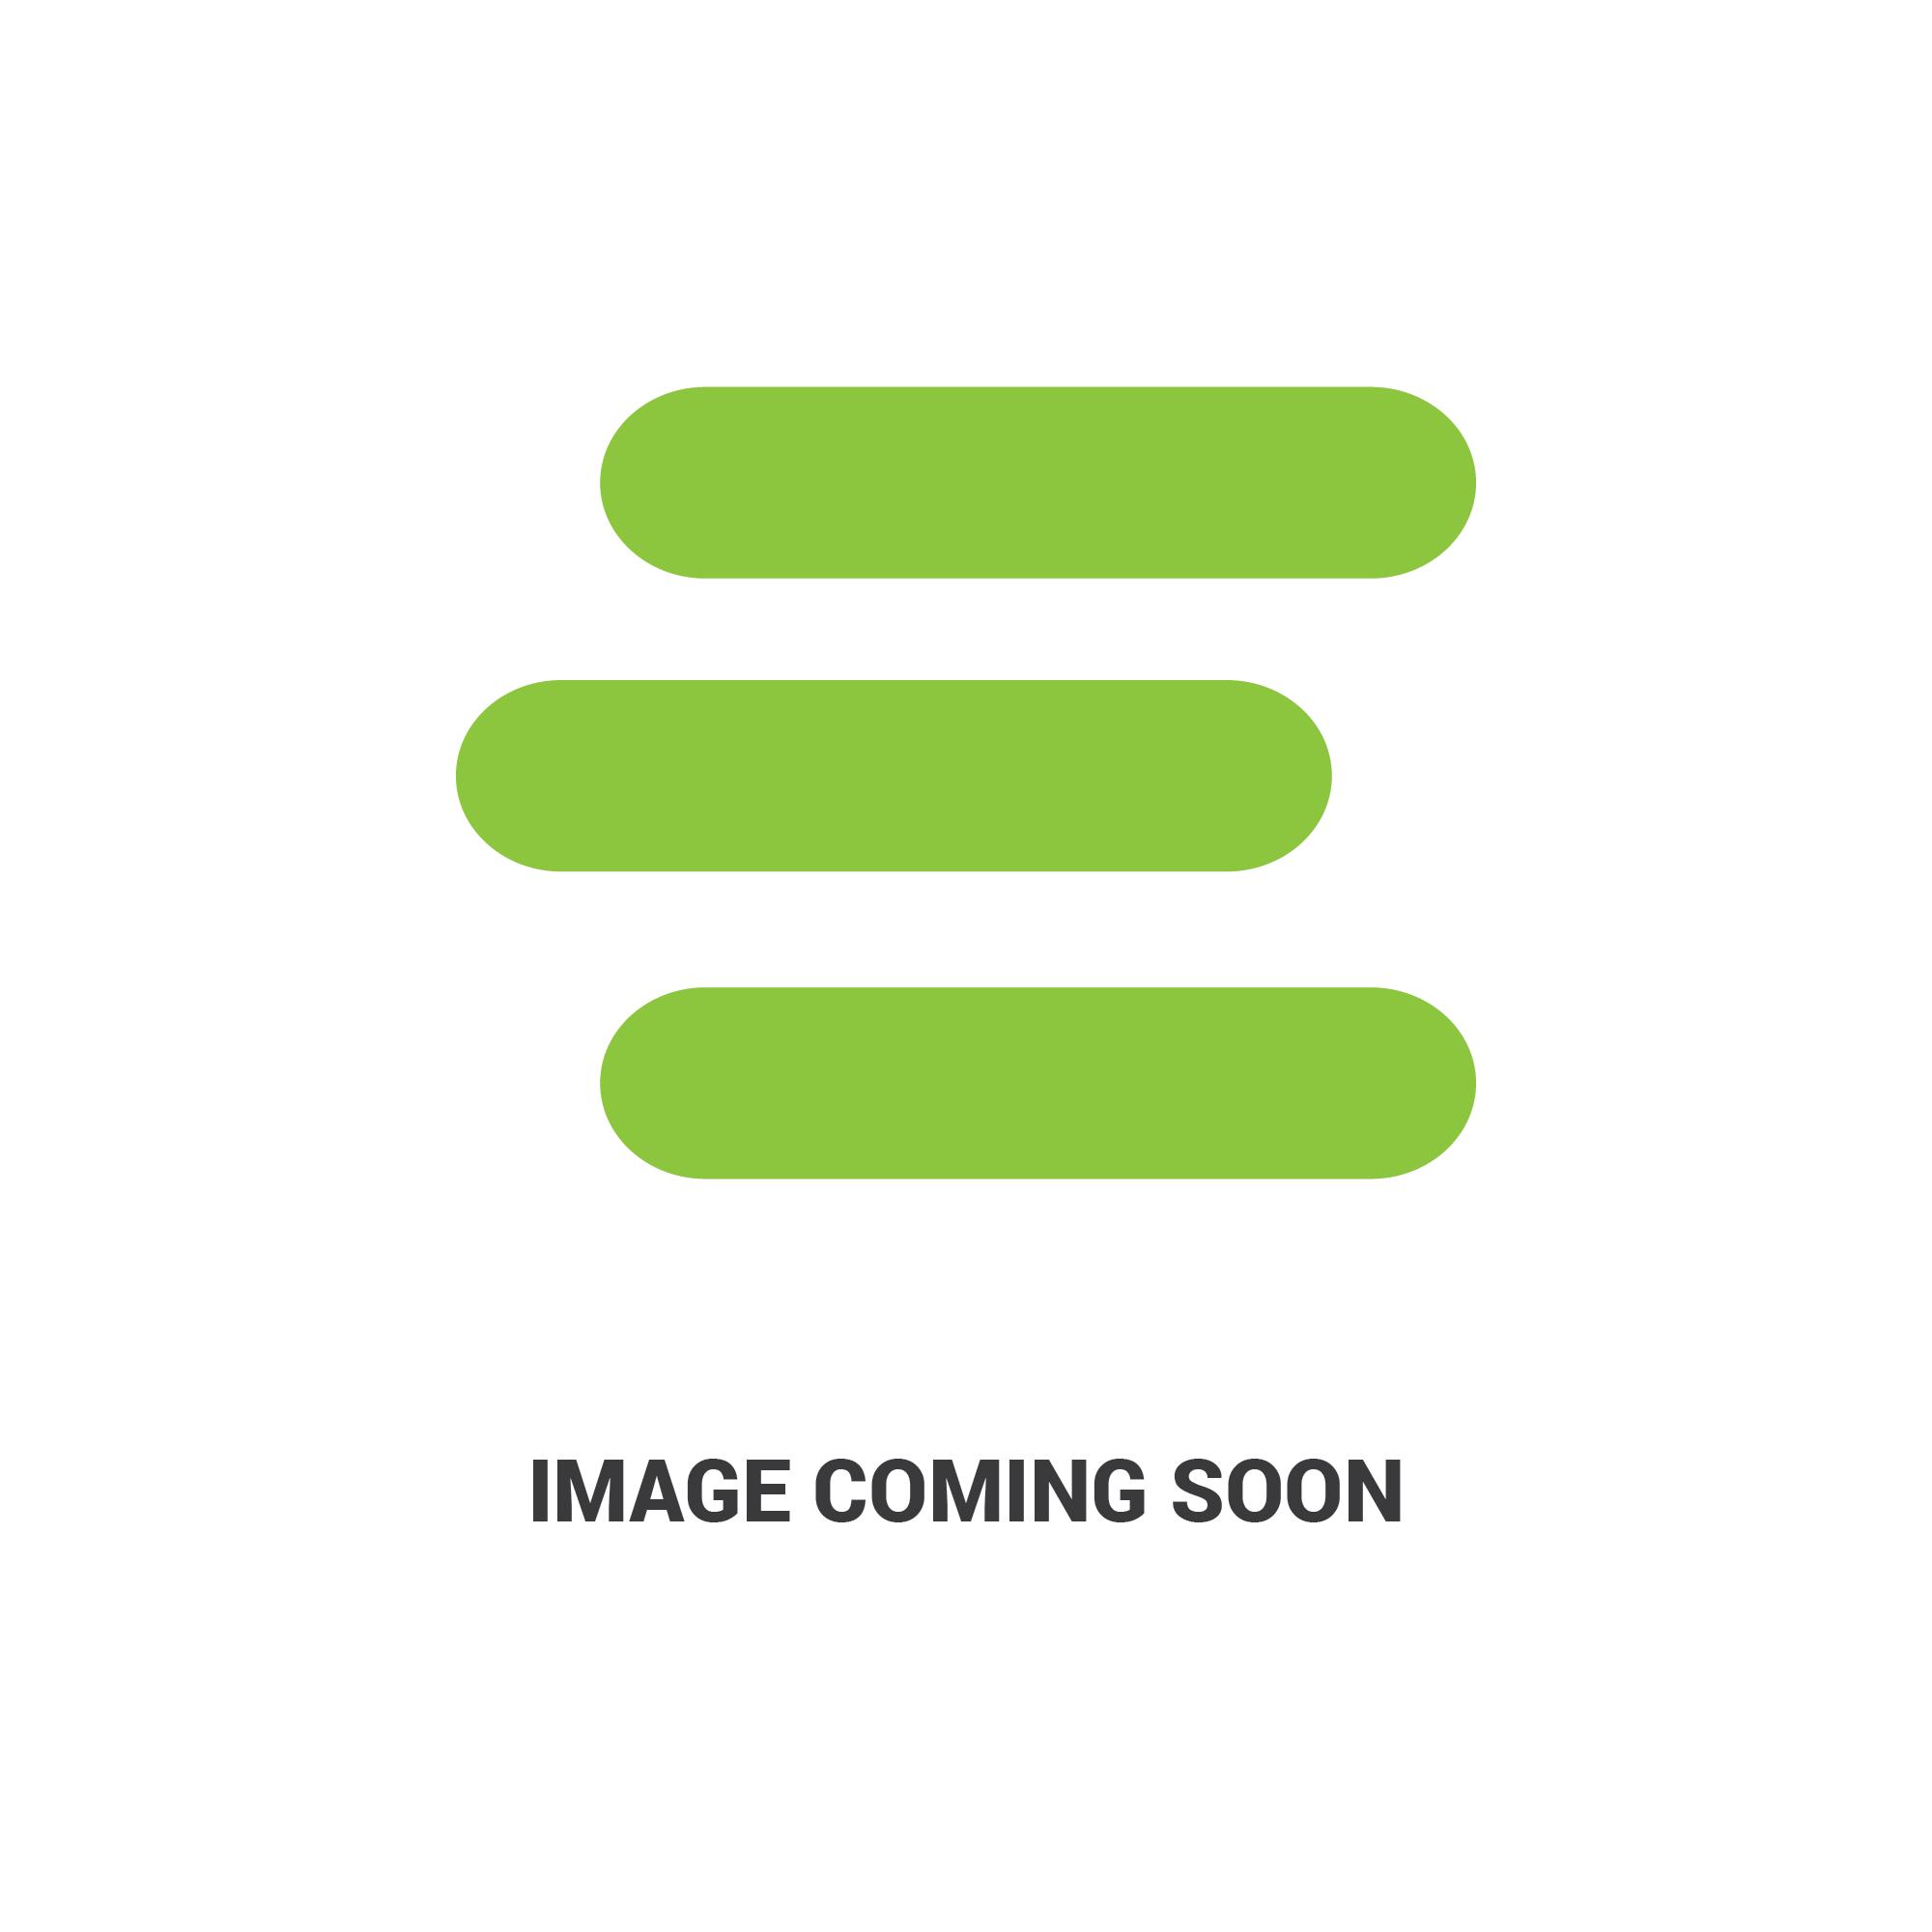 E-RE44558761_1.jpg